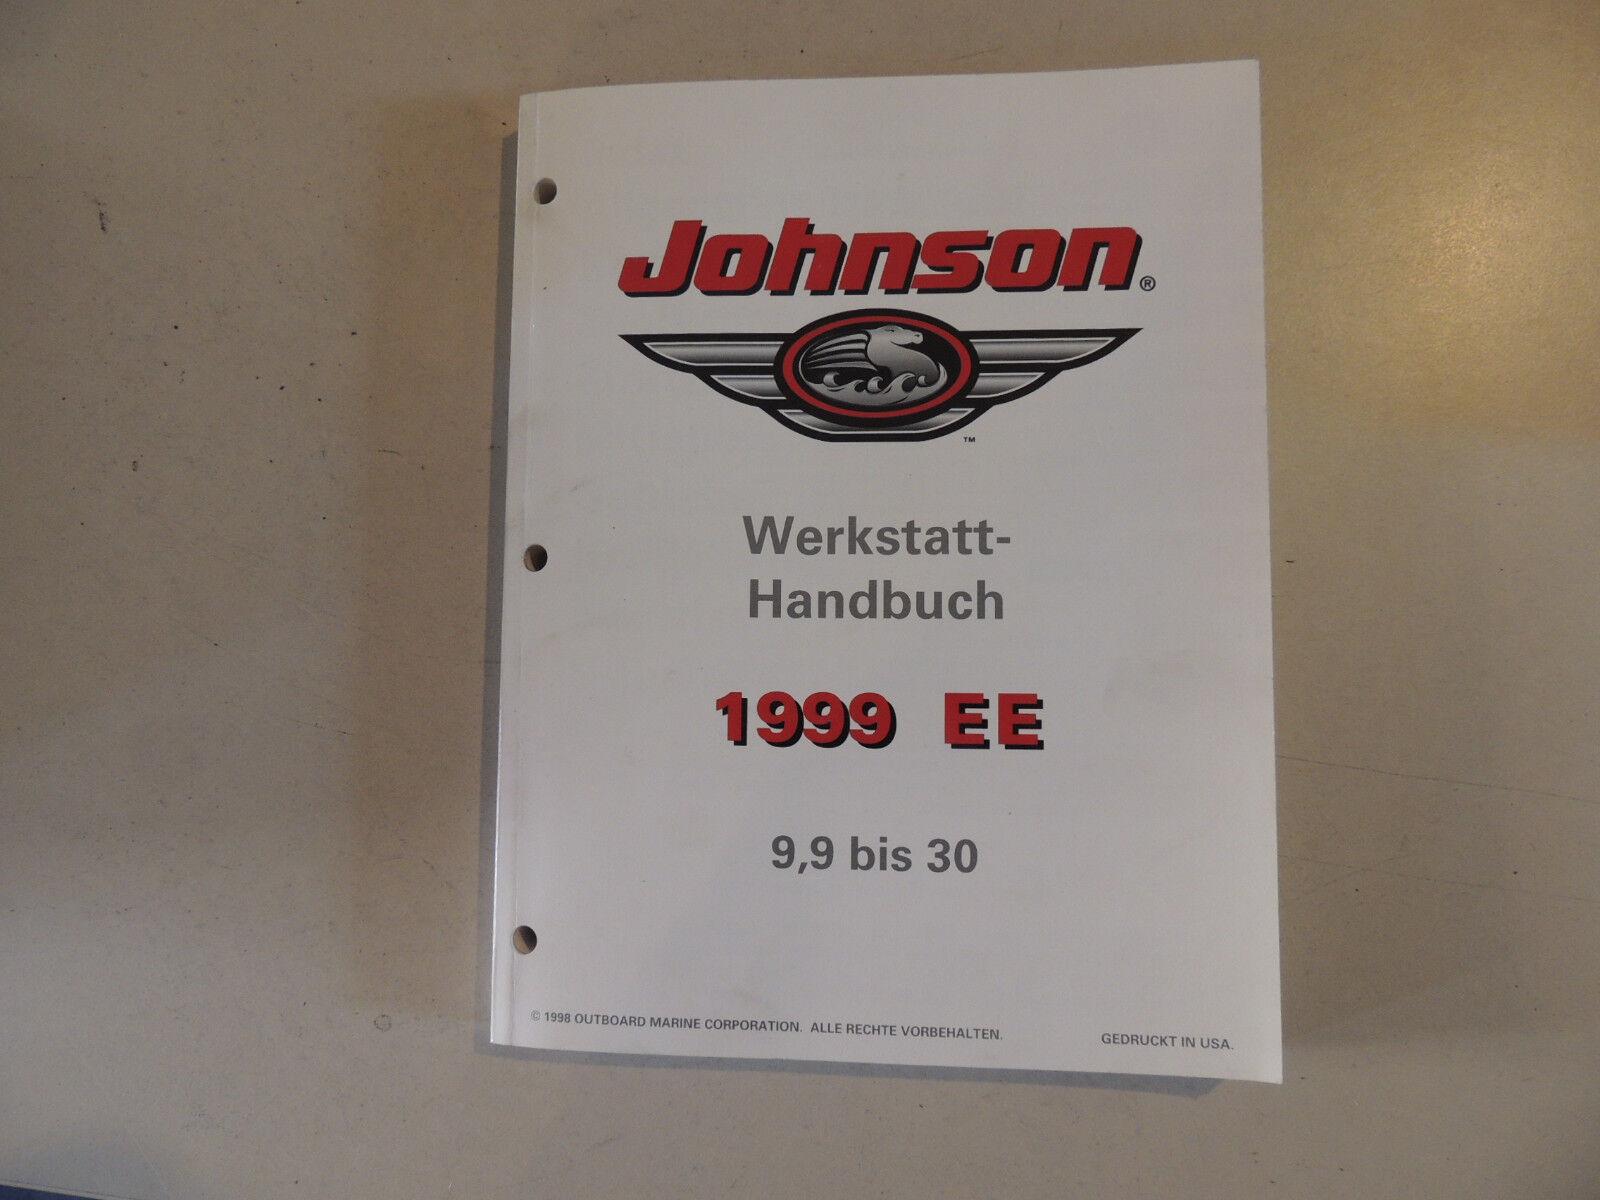 1999 Werkstatthandbuch Johnson Außenborder 9,9 15 25 30 PS Werkstattbuch